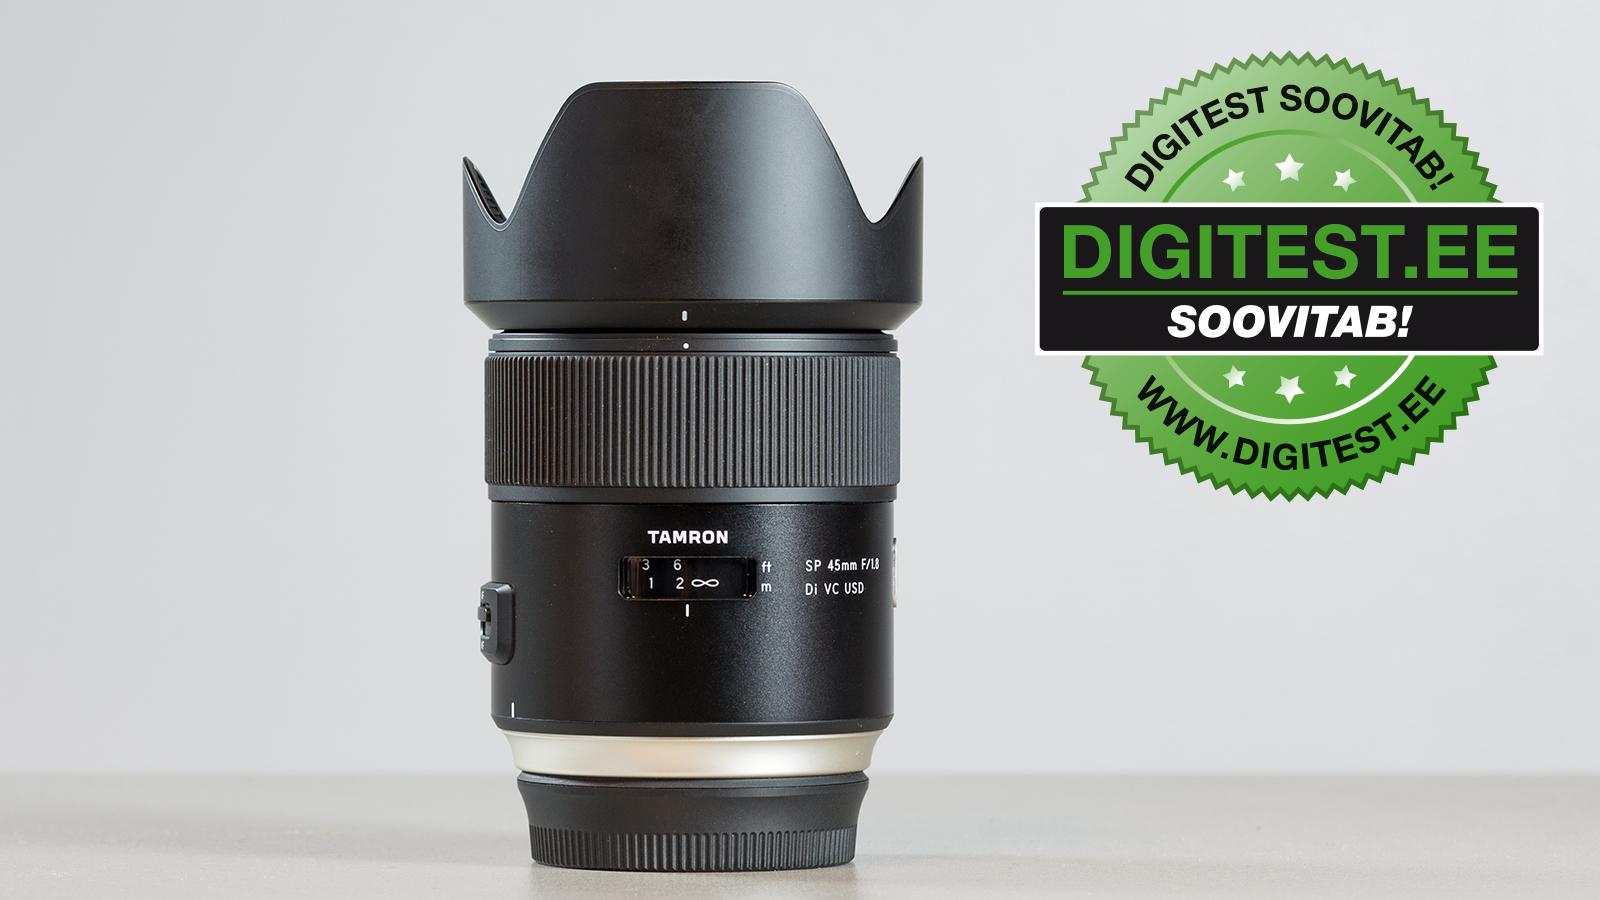 Tamron-SP-45mm-Di-VC-USD-DT-10-dt-soovitab